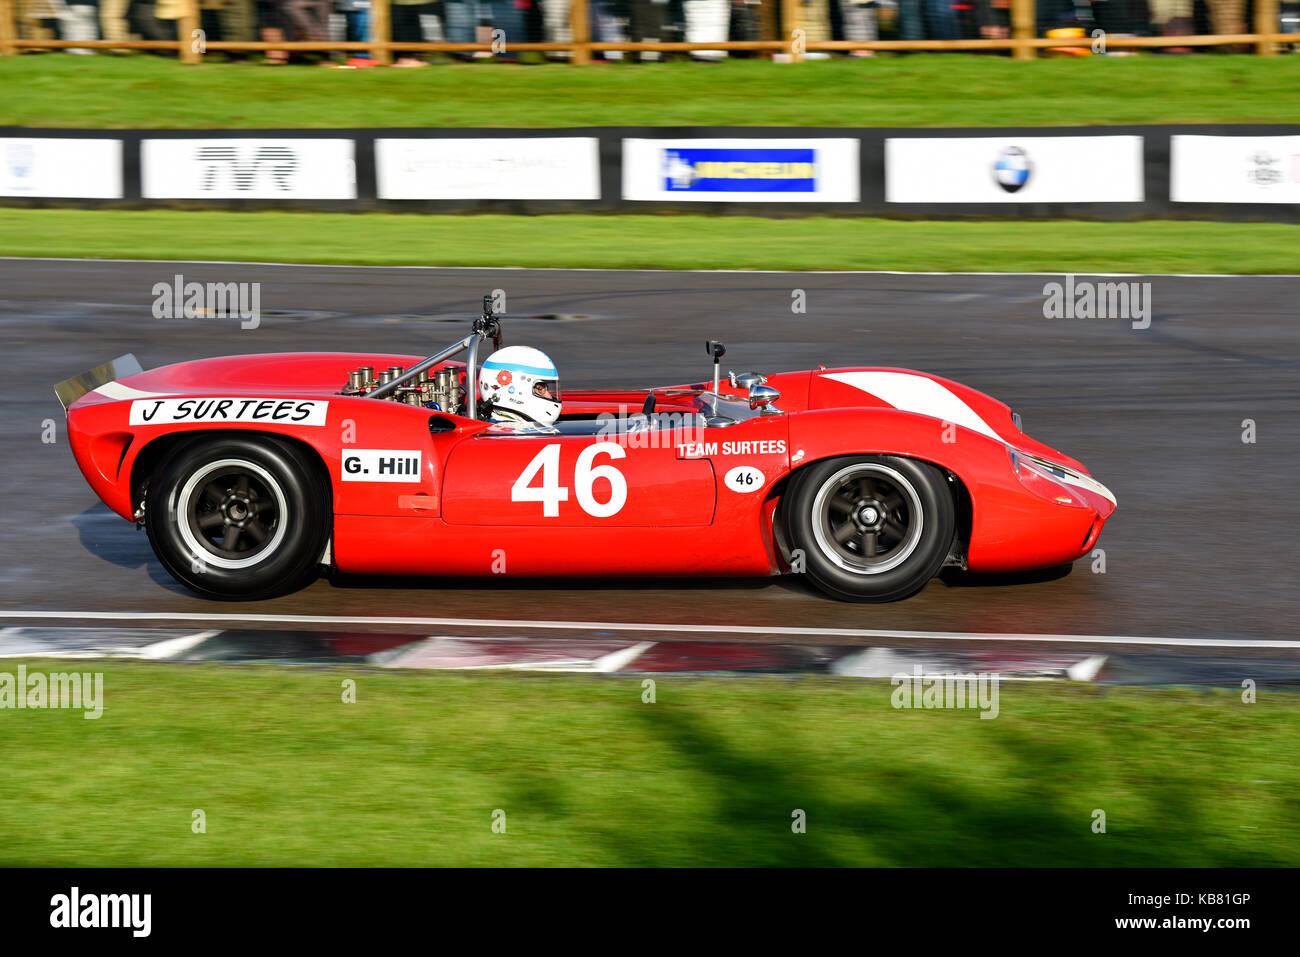 Lola Racing Car Stock Photos & Lola Racing Car Stock Images - Alamy